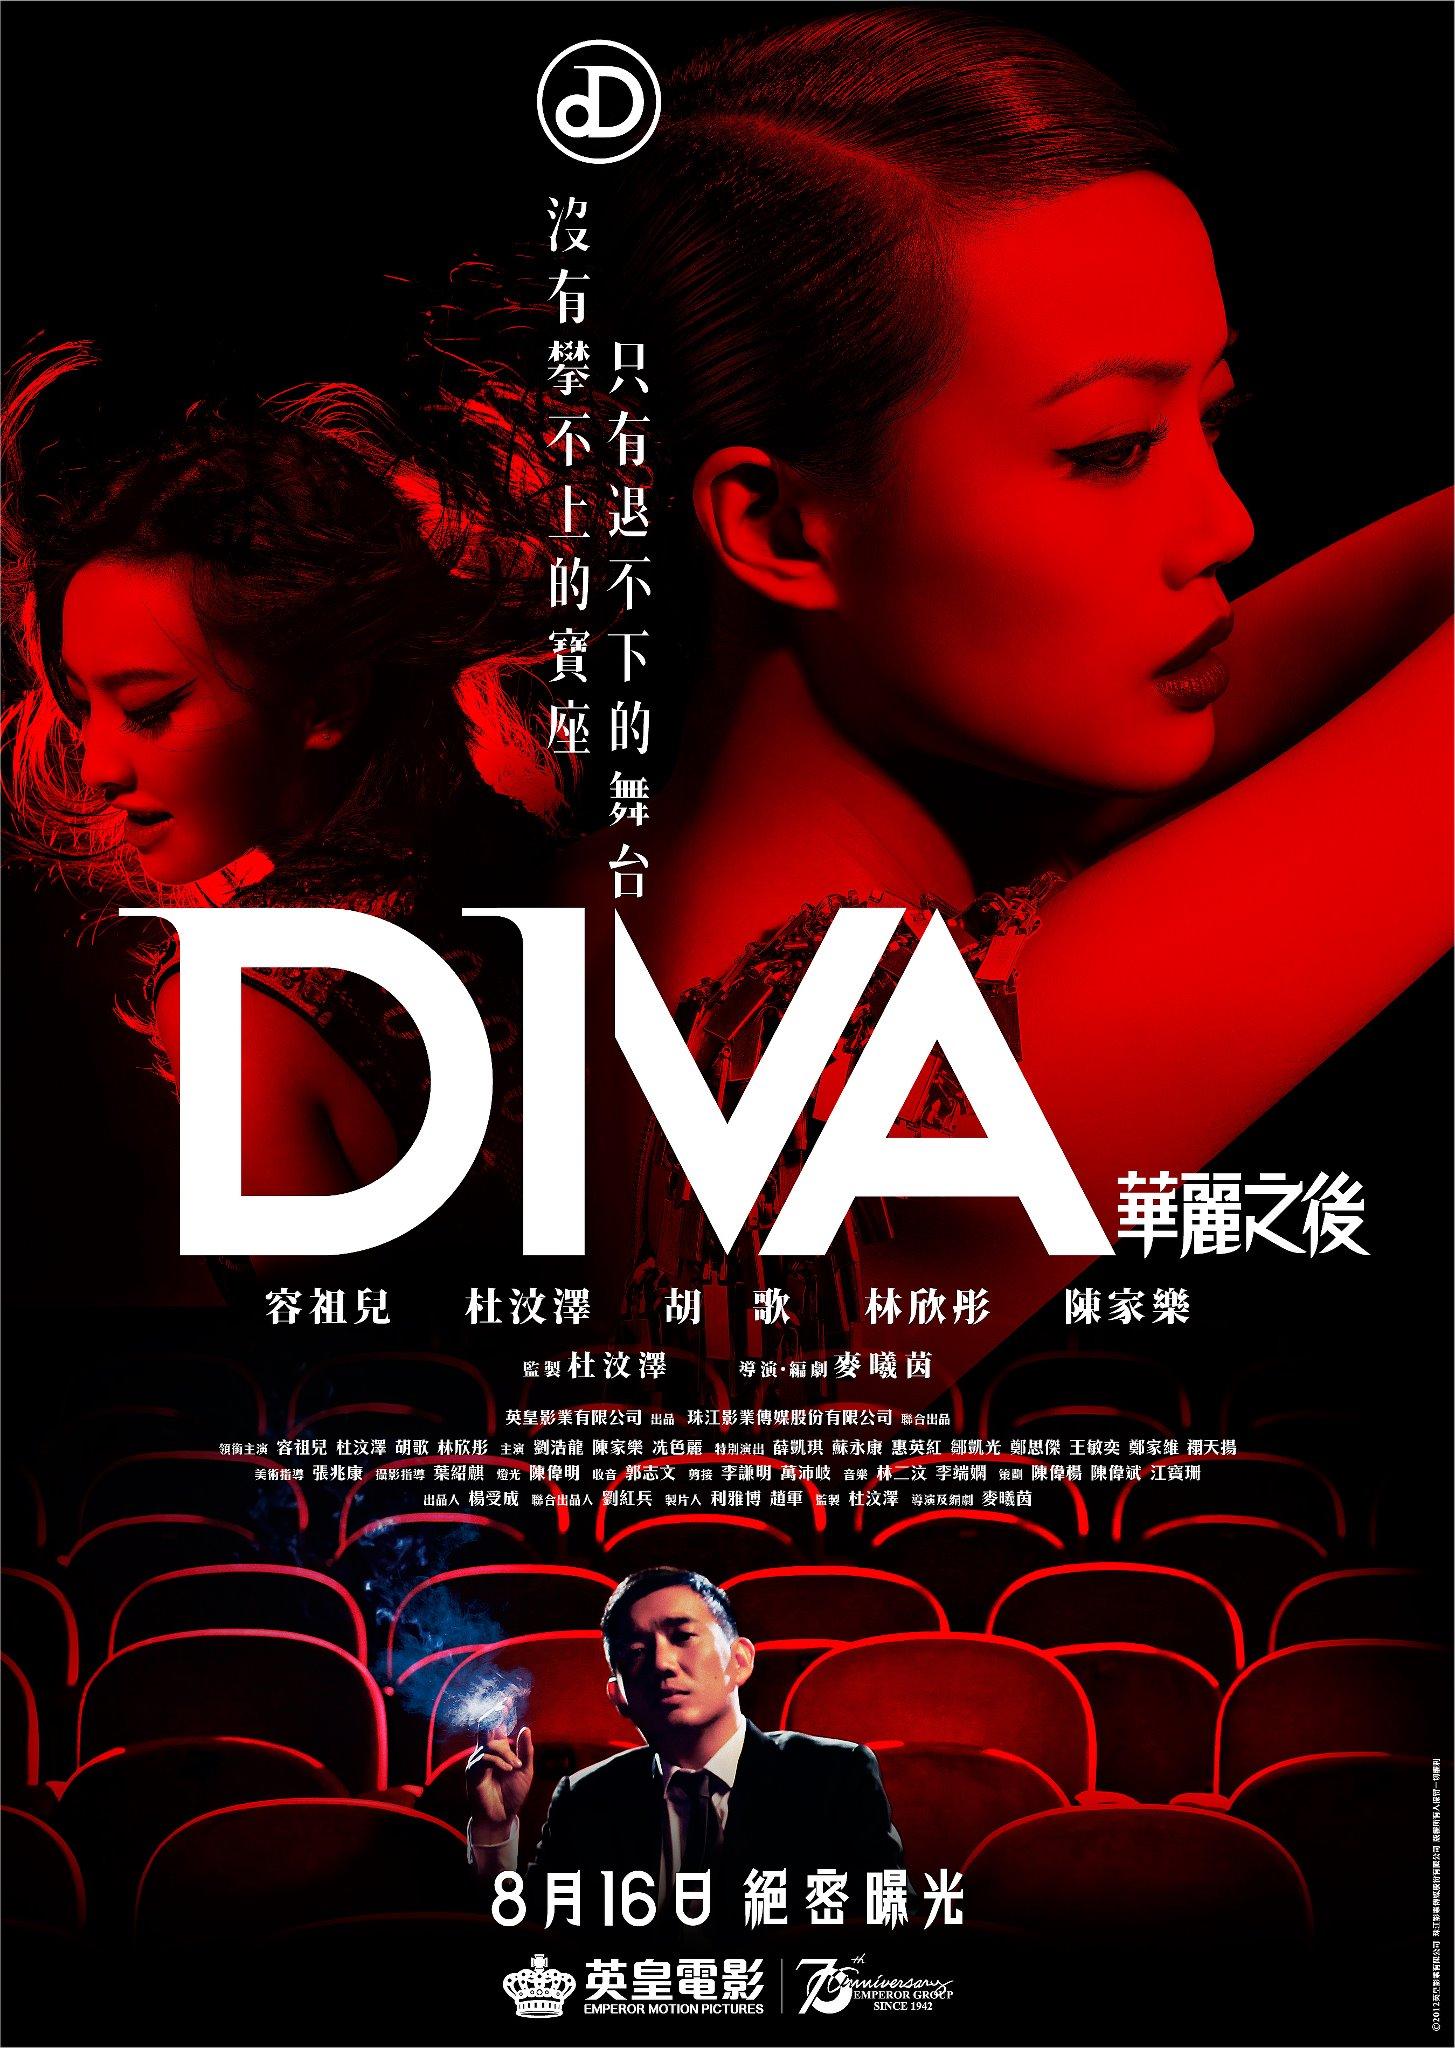 Diva Film